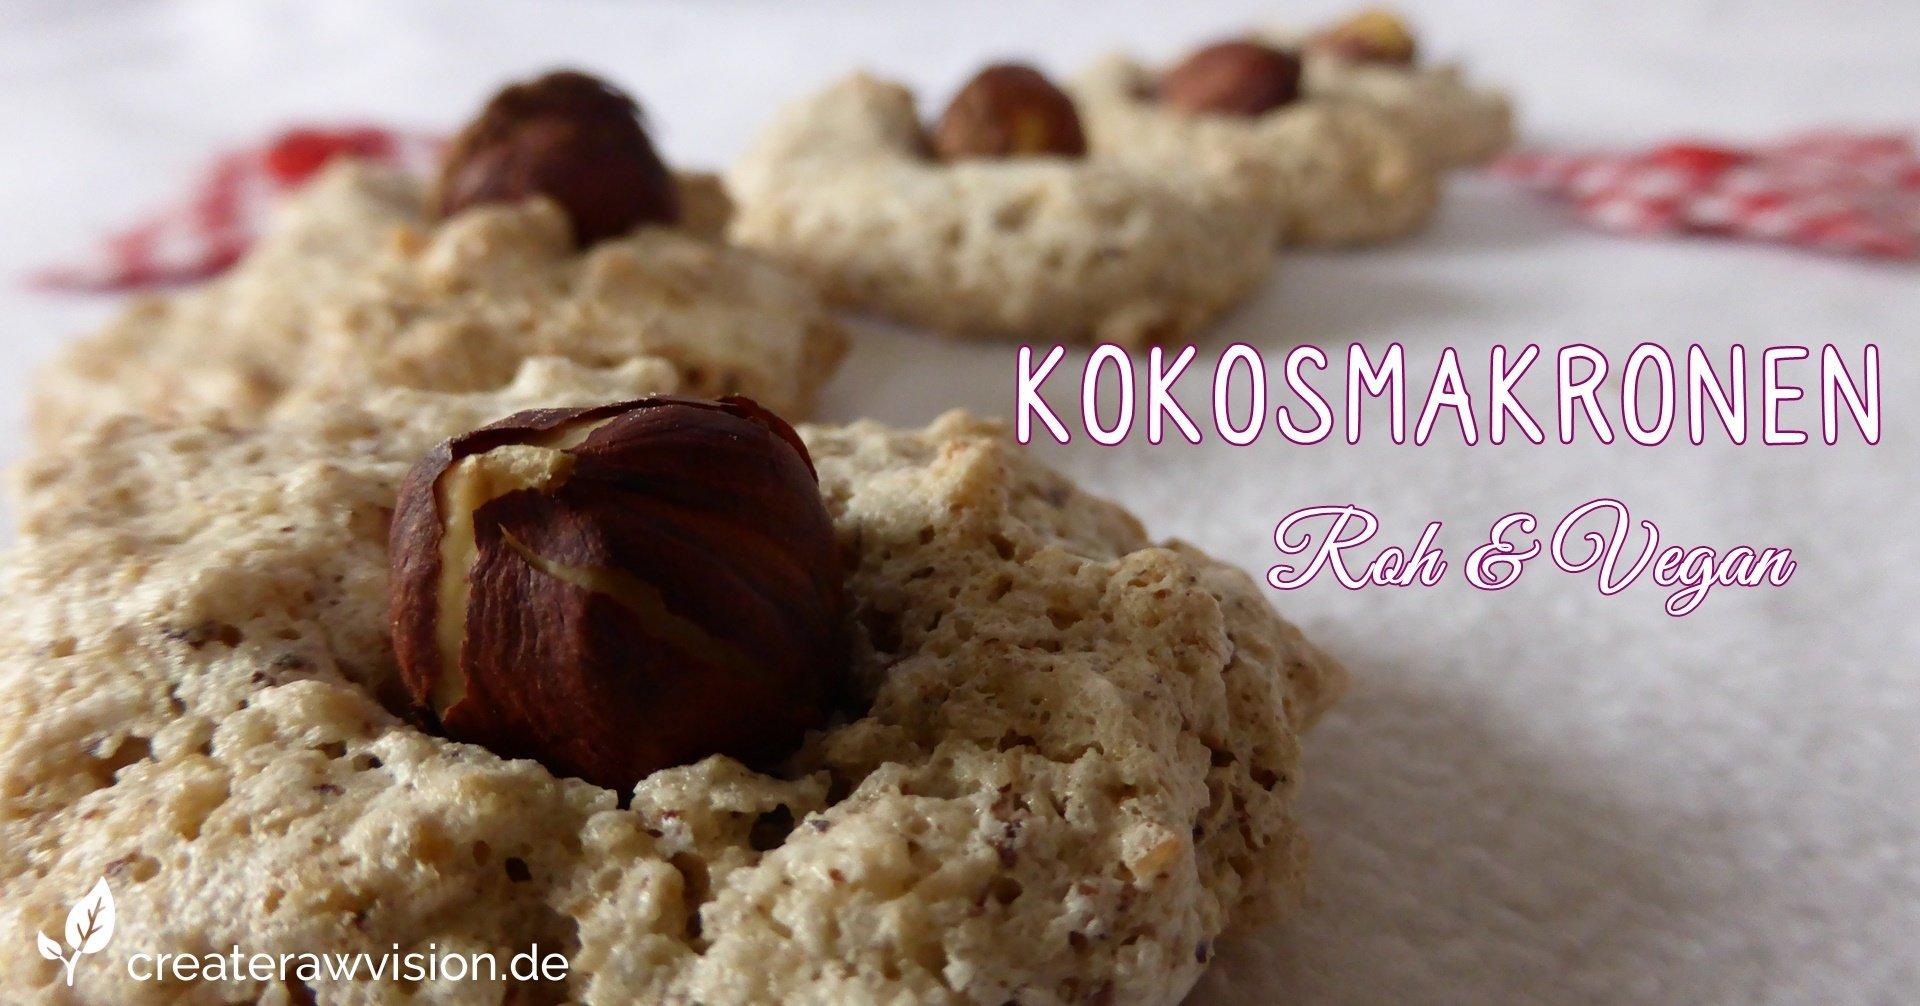 Kokosmakronen Roh & Vegan